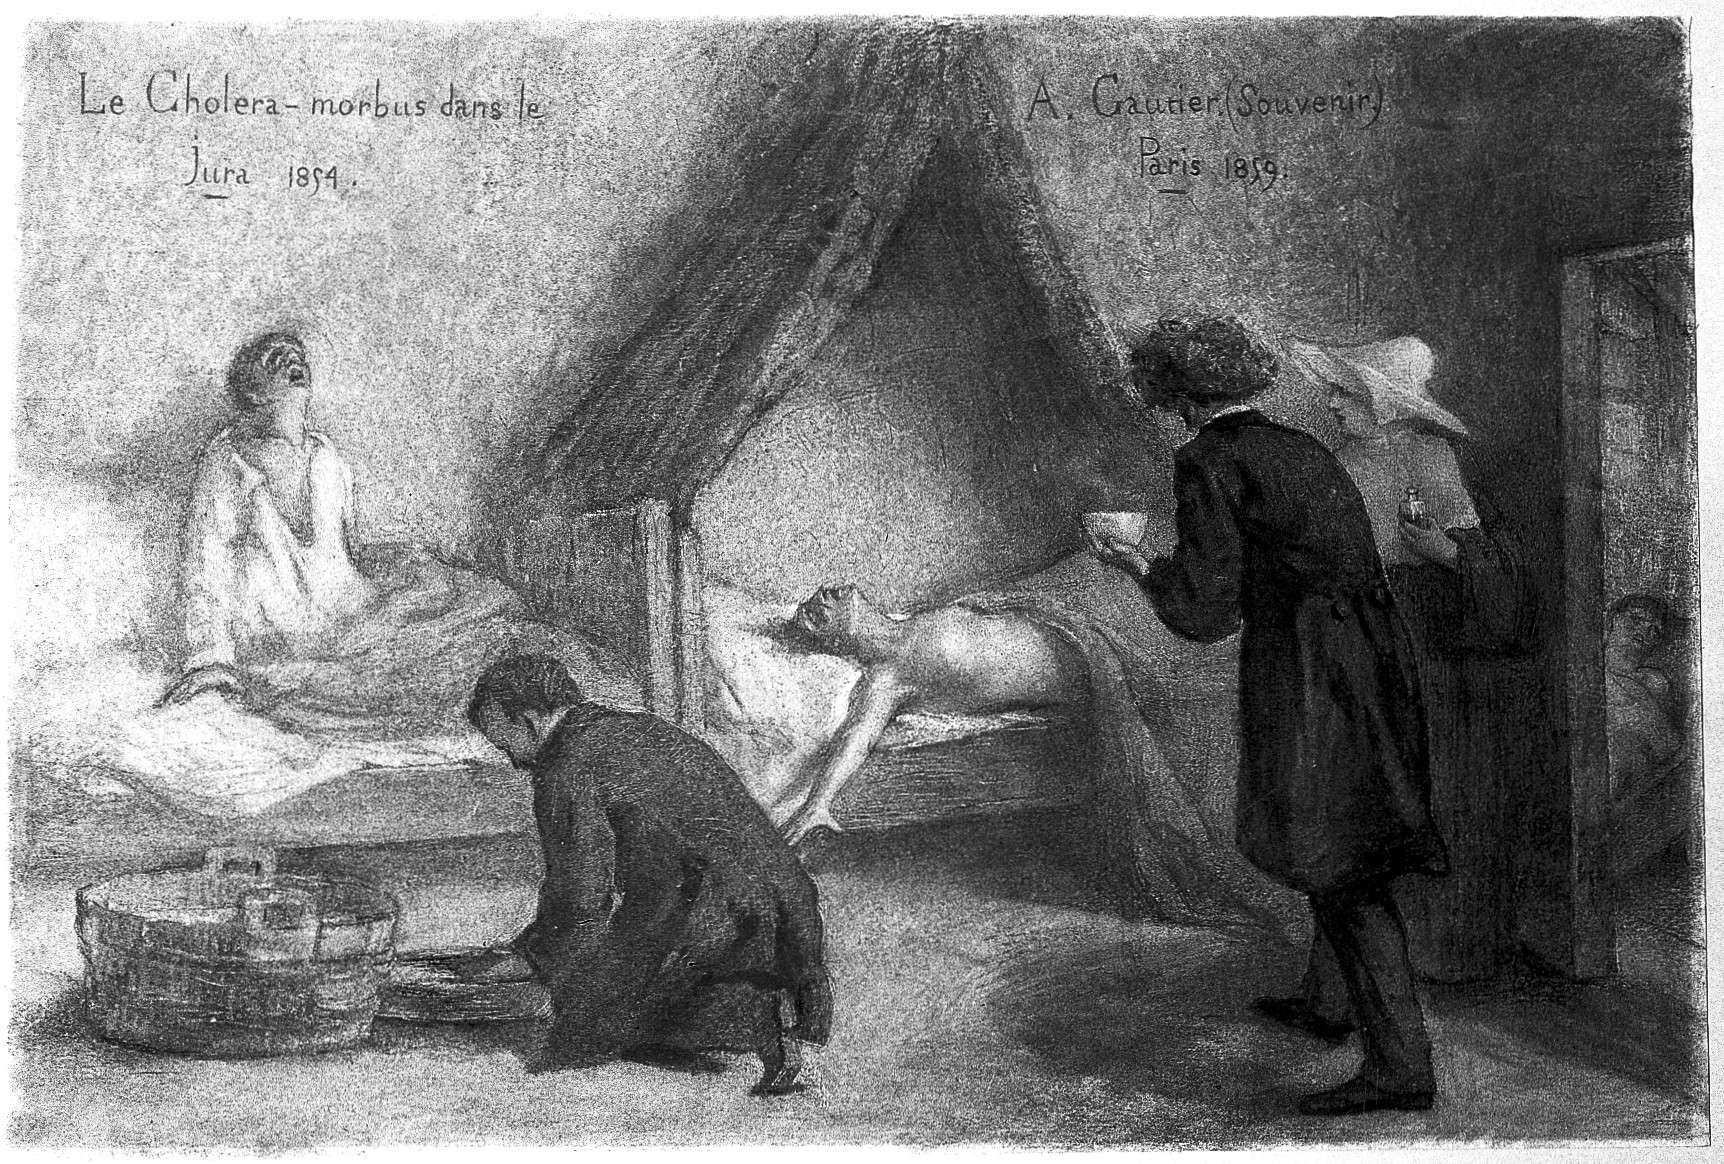 Χολέρα. Patients suffering from cholera in the Jura during the 1854.